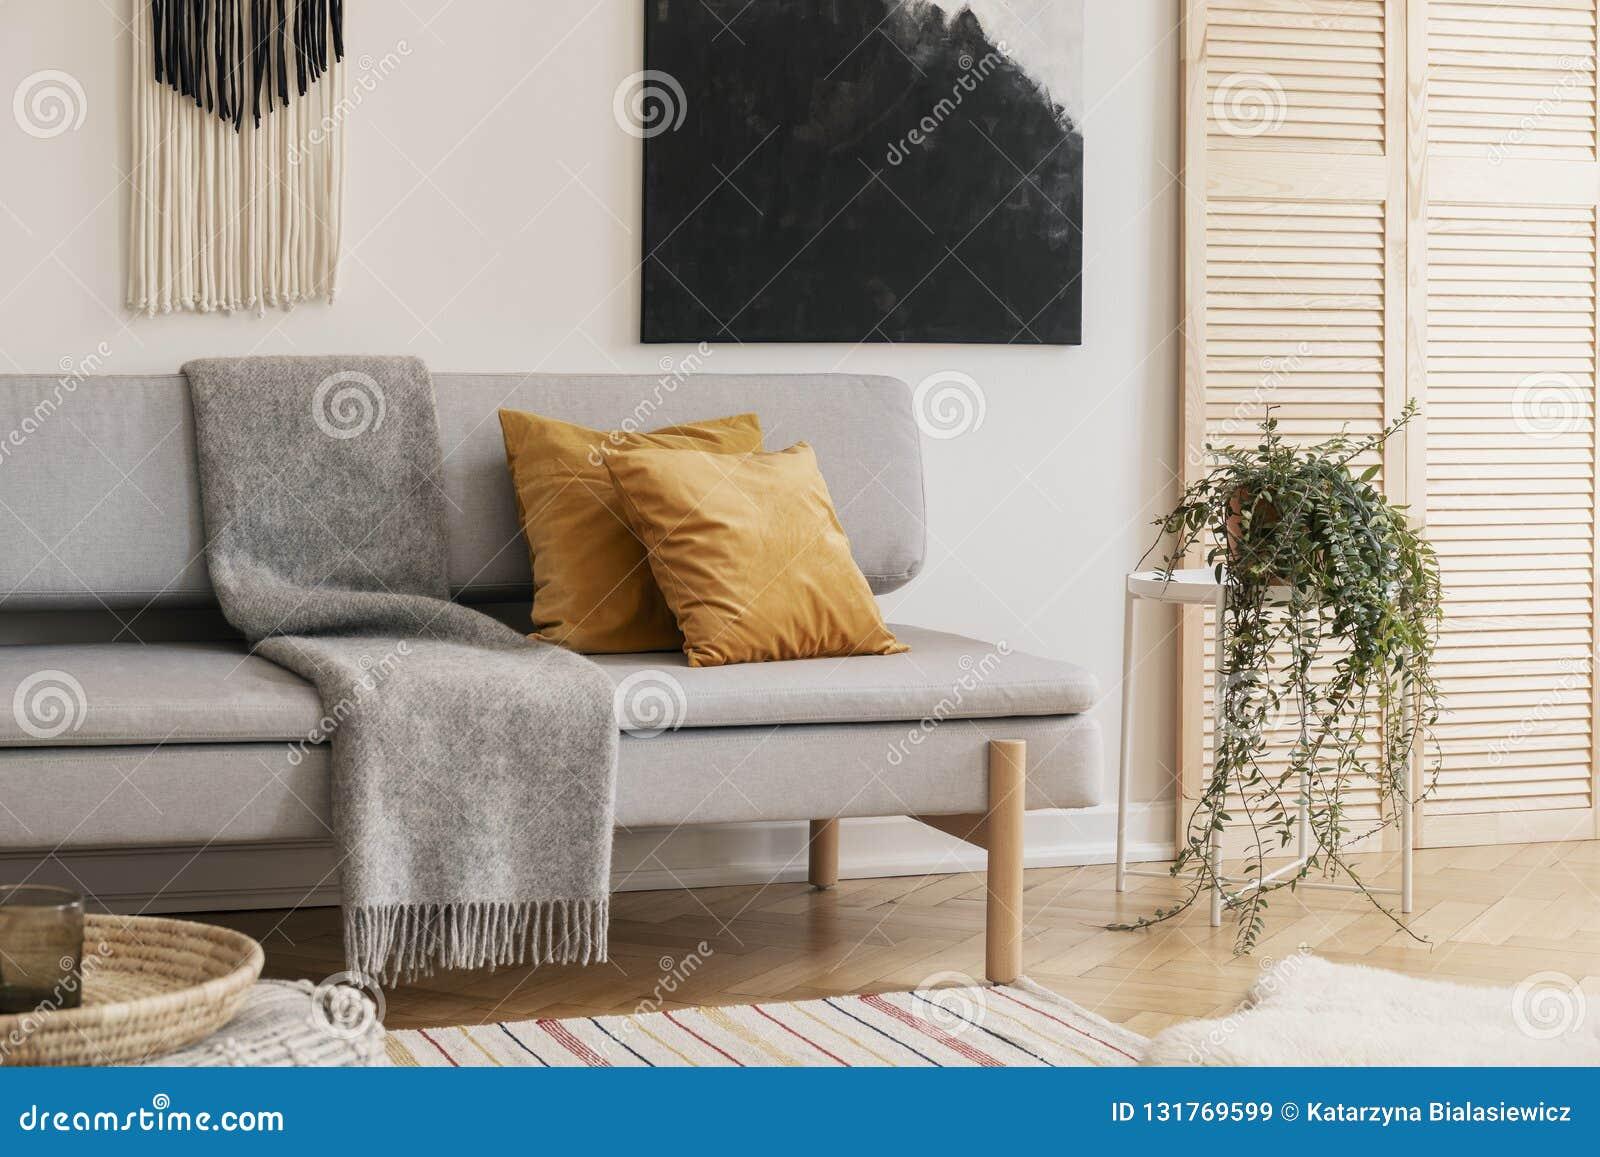 Brown poduszki i popielata koc na leżance w żywym pokoju